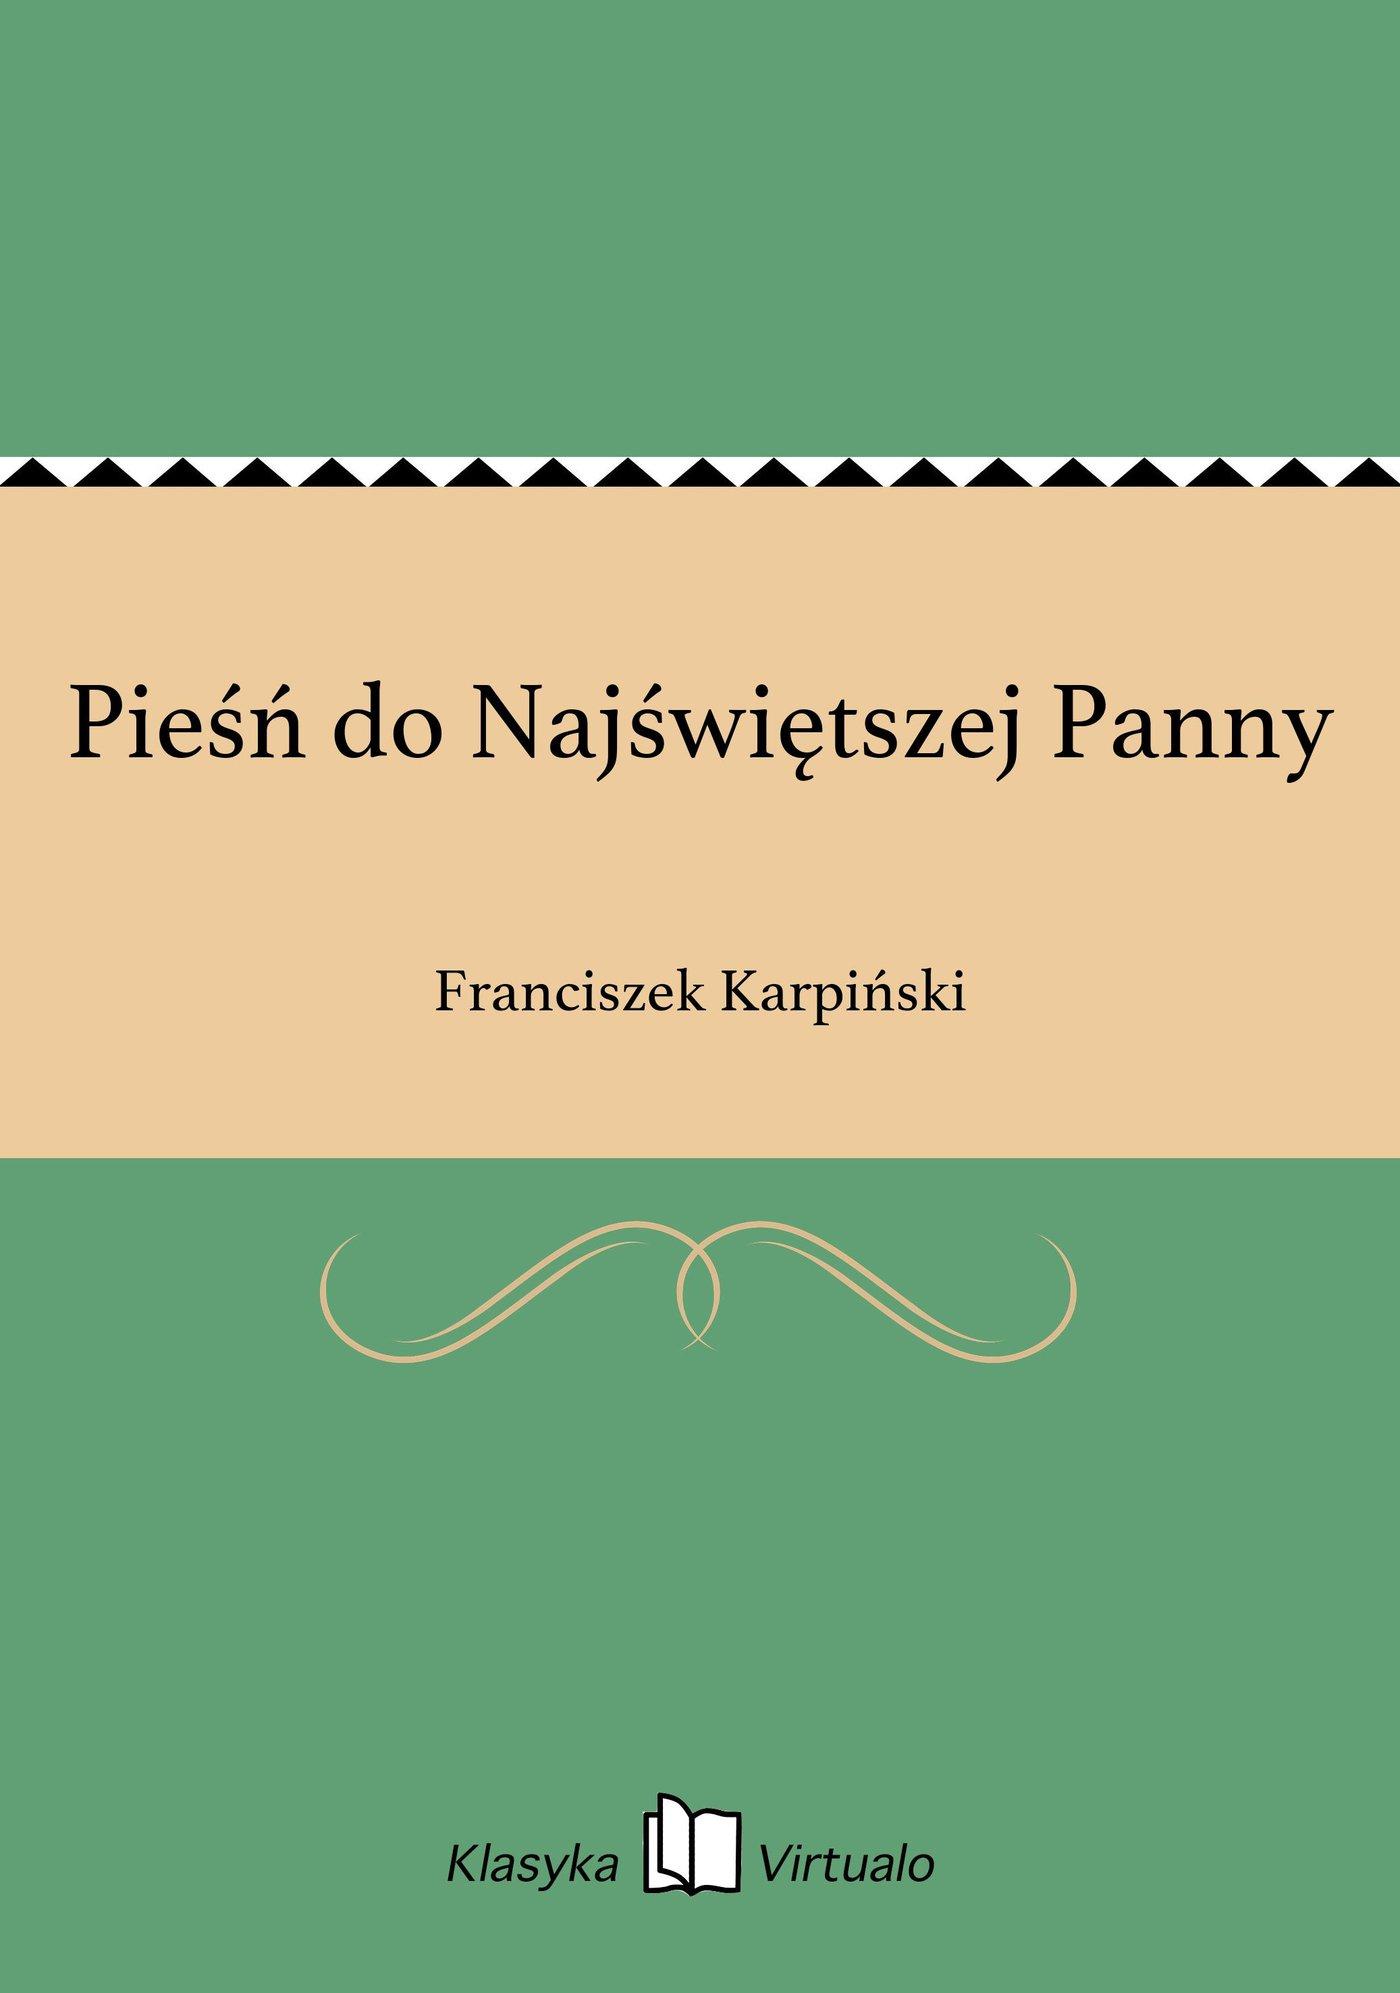 Pieśń do Najświętszej Panny - Ebook (Książka EPUB) do pobrania w formacie EPUB